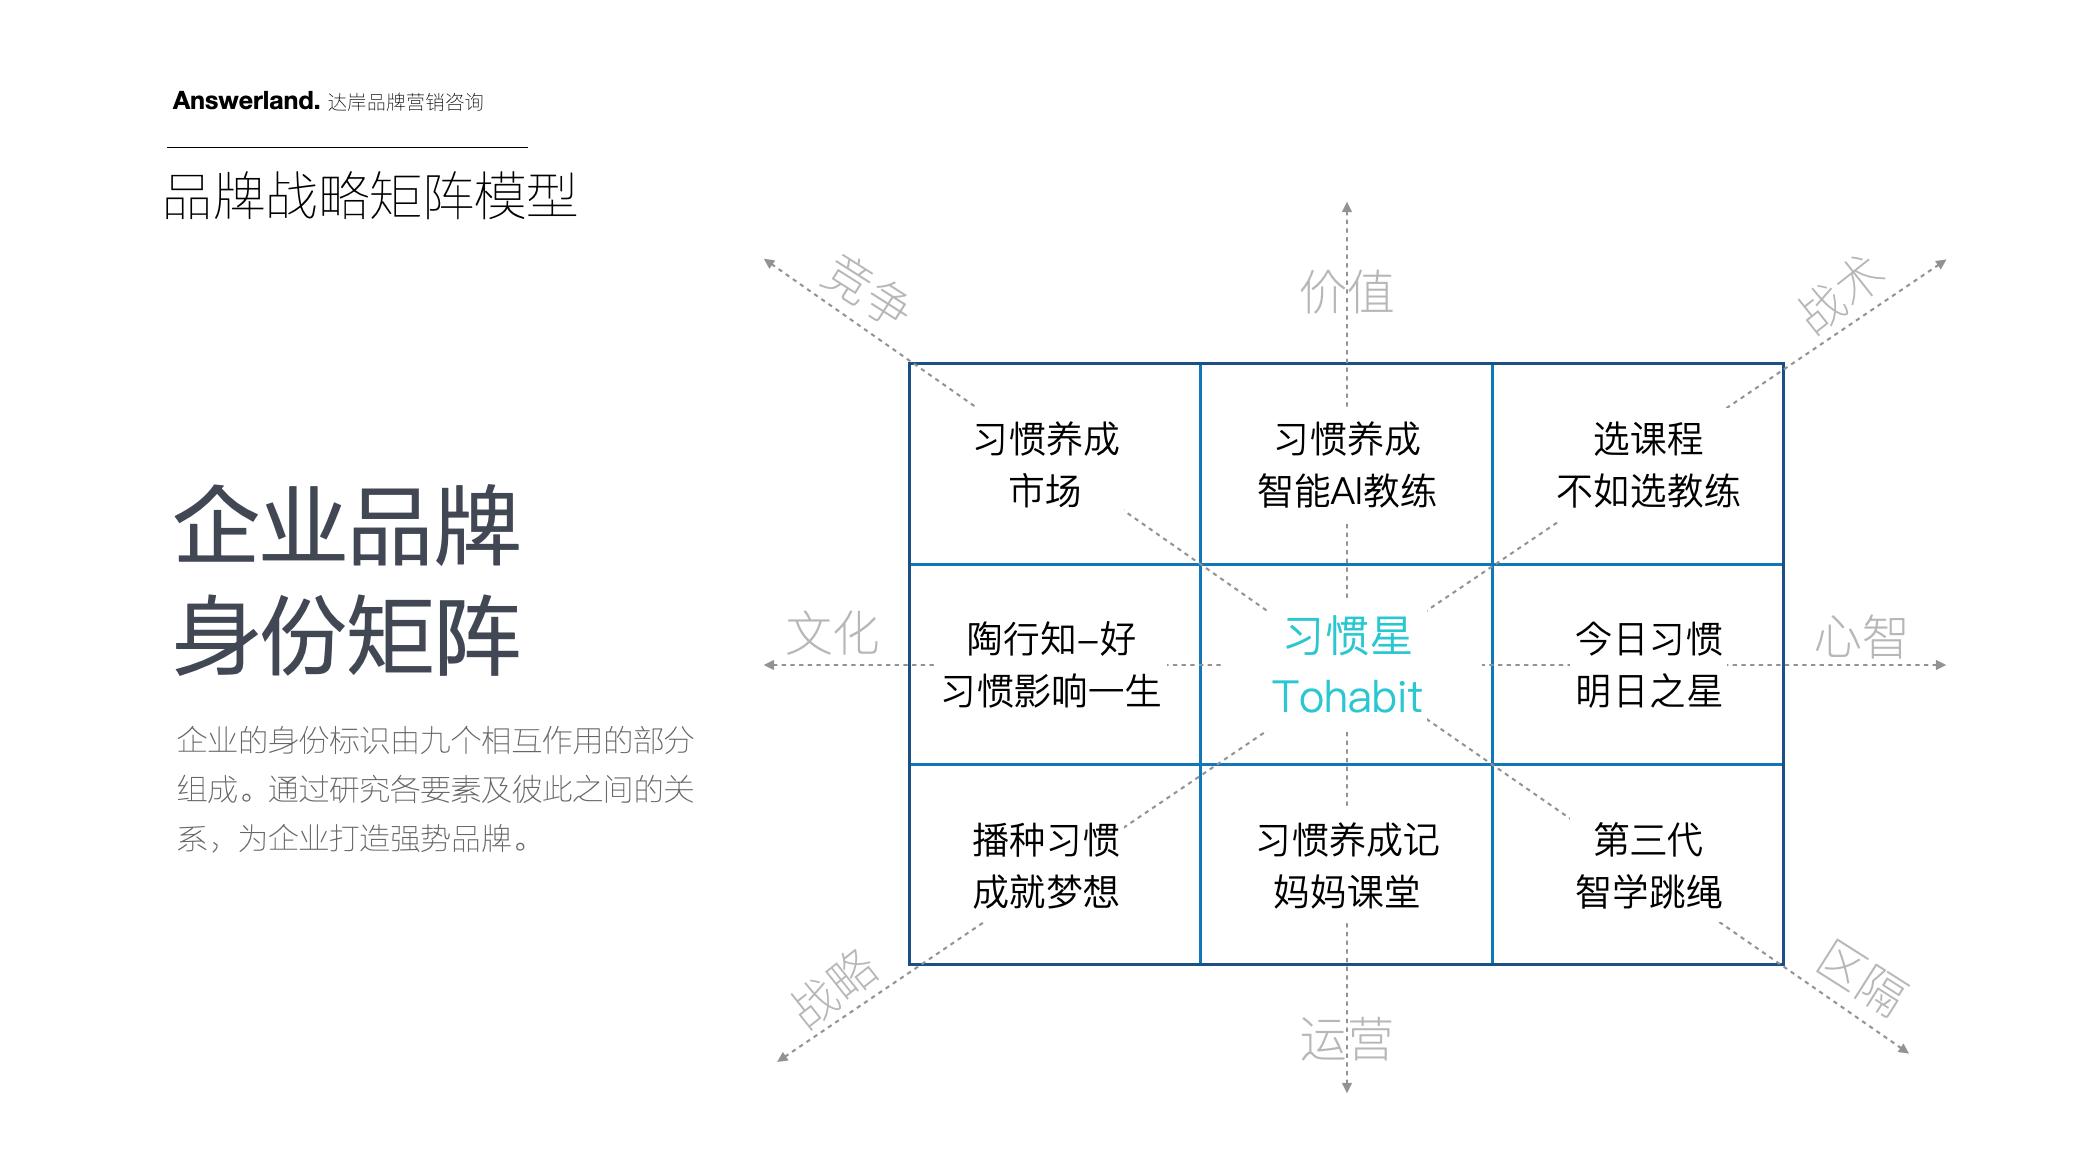 习惯星儿童品牌策划设计-儿童品牌设计-杭州达岸品牌策划设计公司